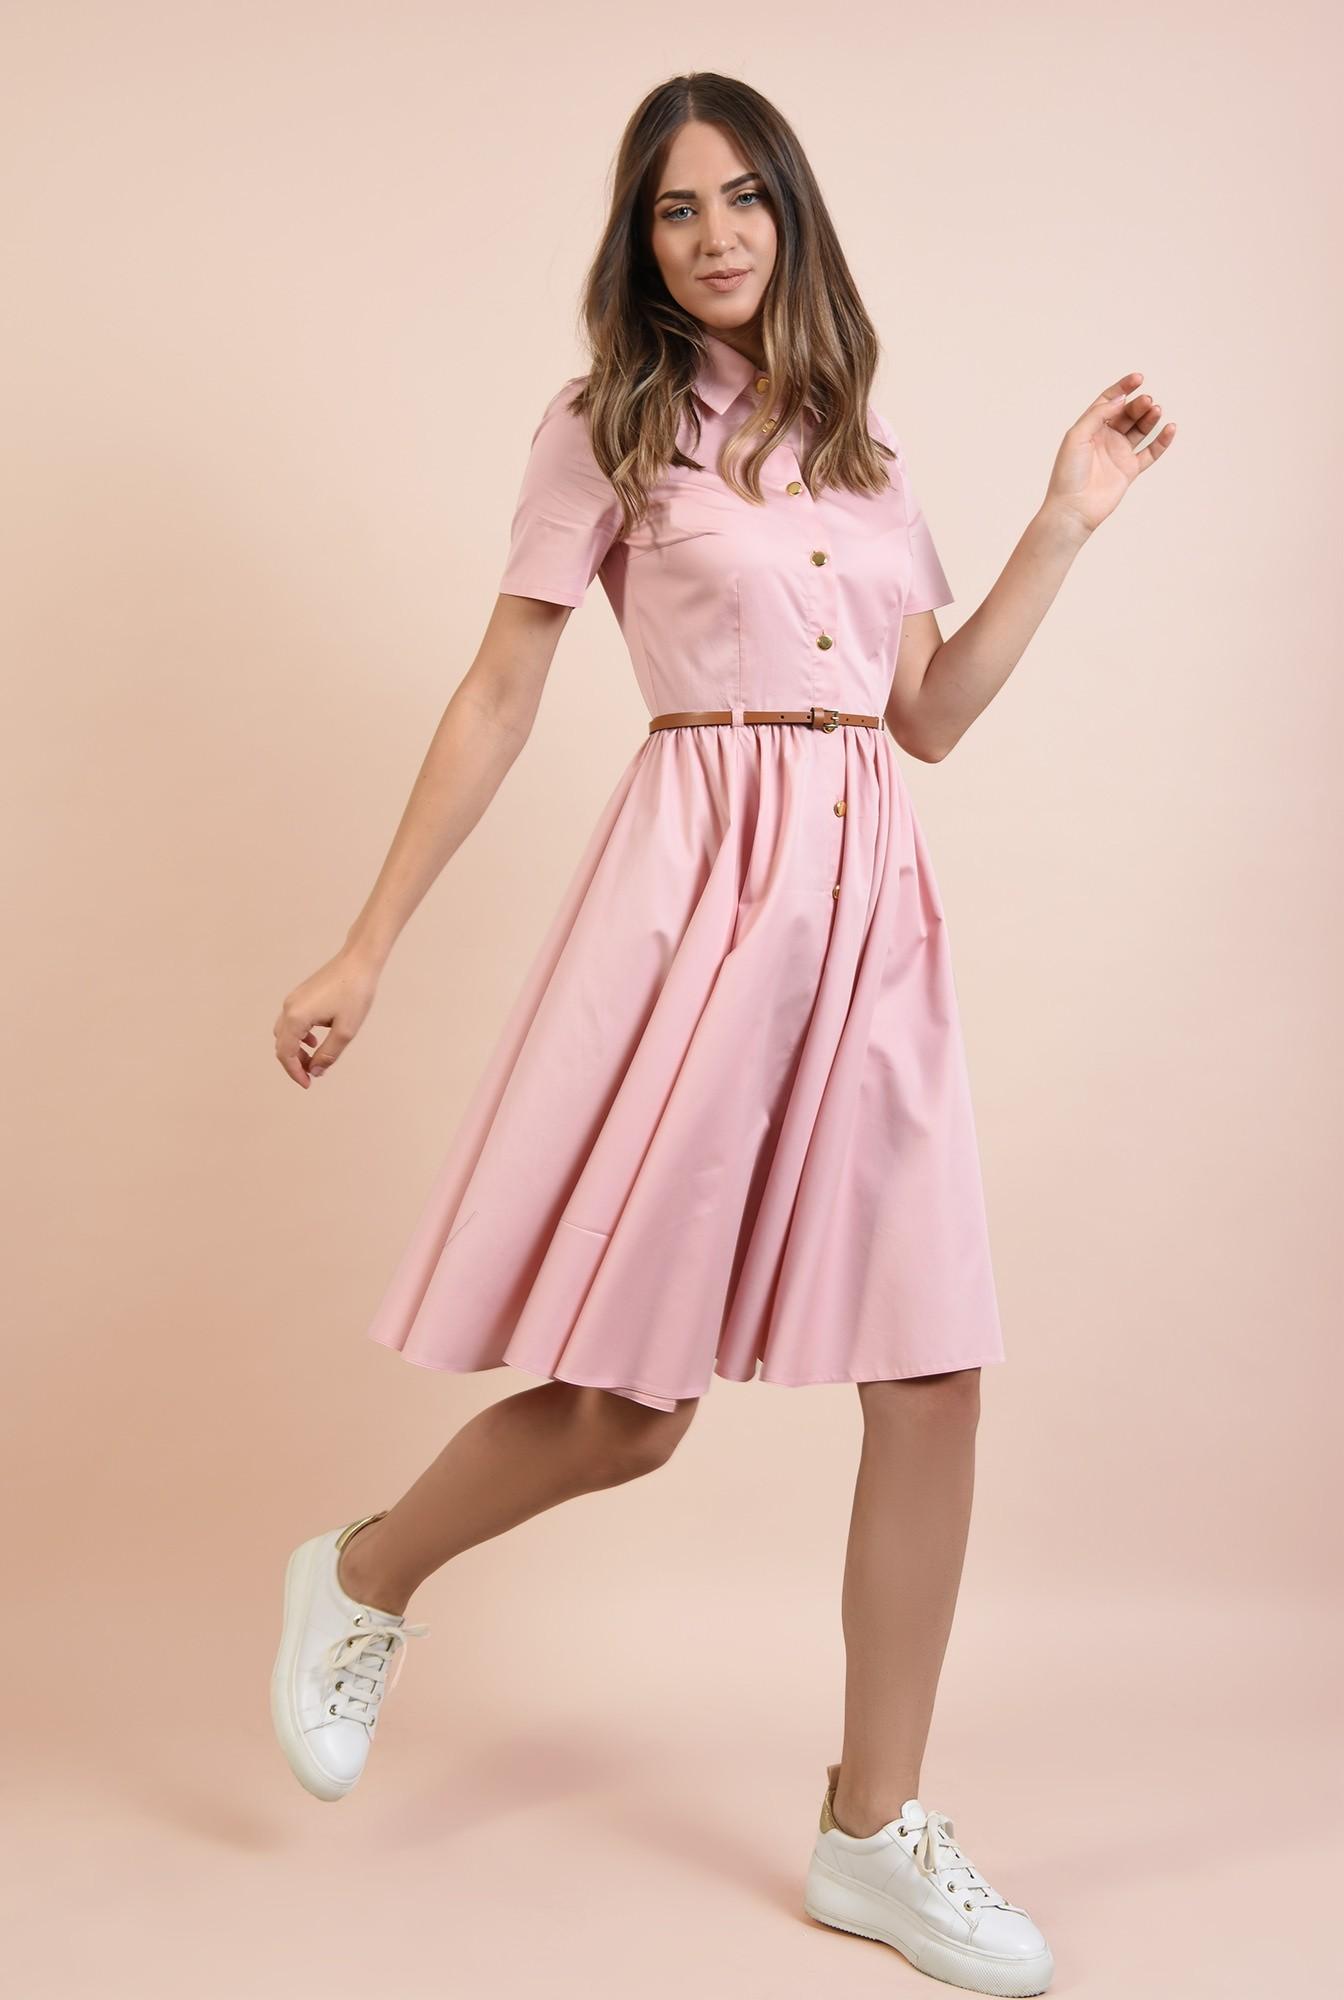 0 - rochie casual, Poema, roz, din bumbac, nasturi, curea, cu guler